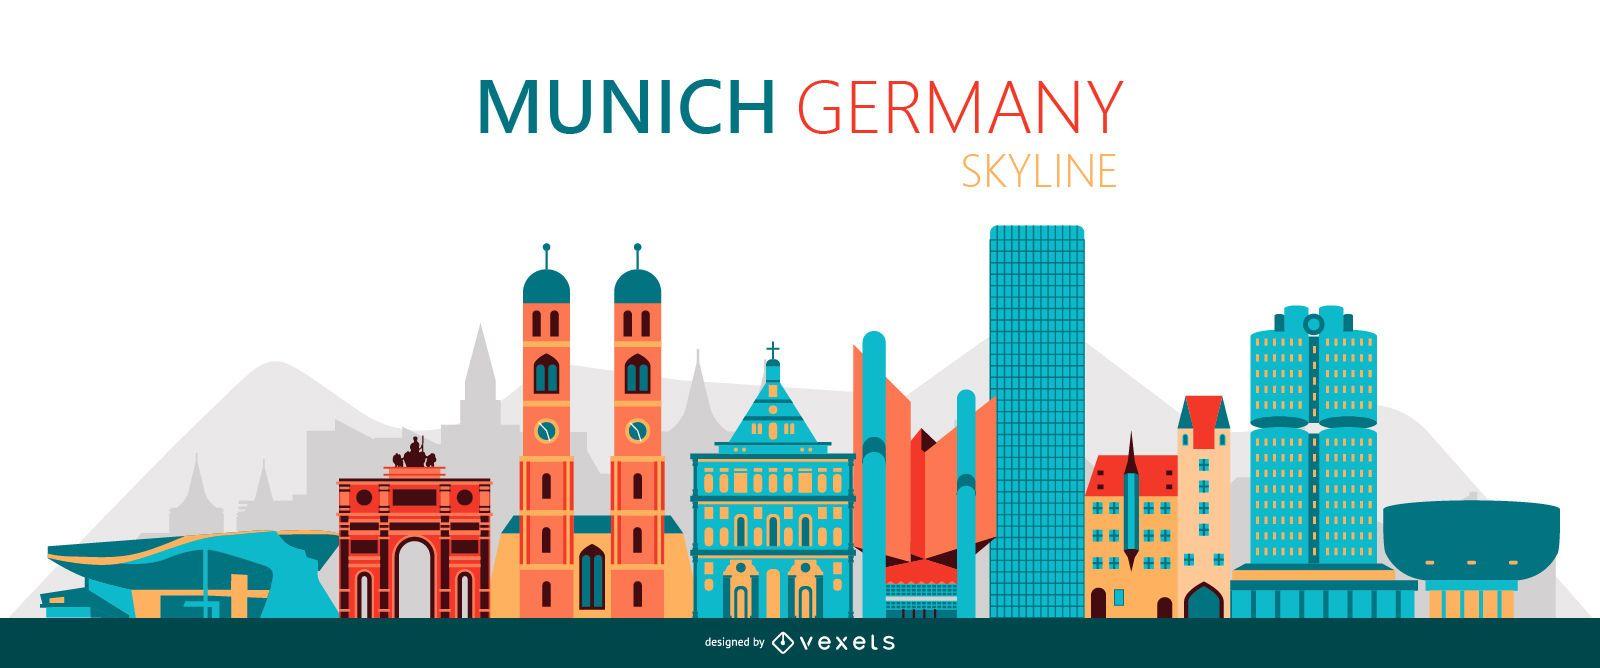 Ilustración del horizonte de Munich